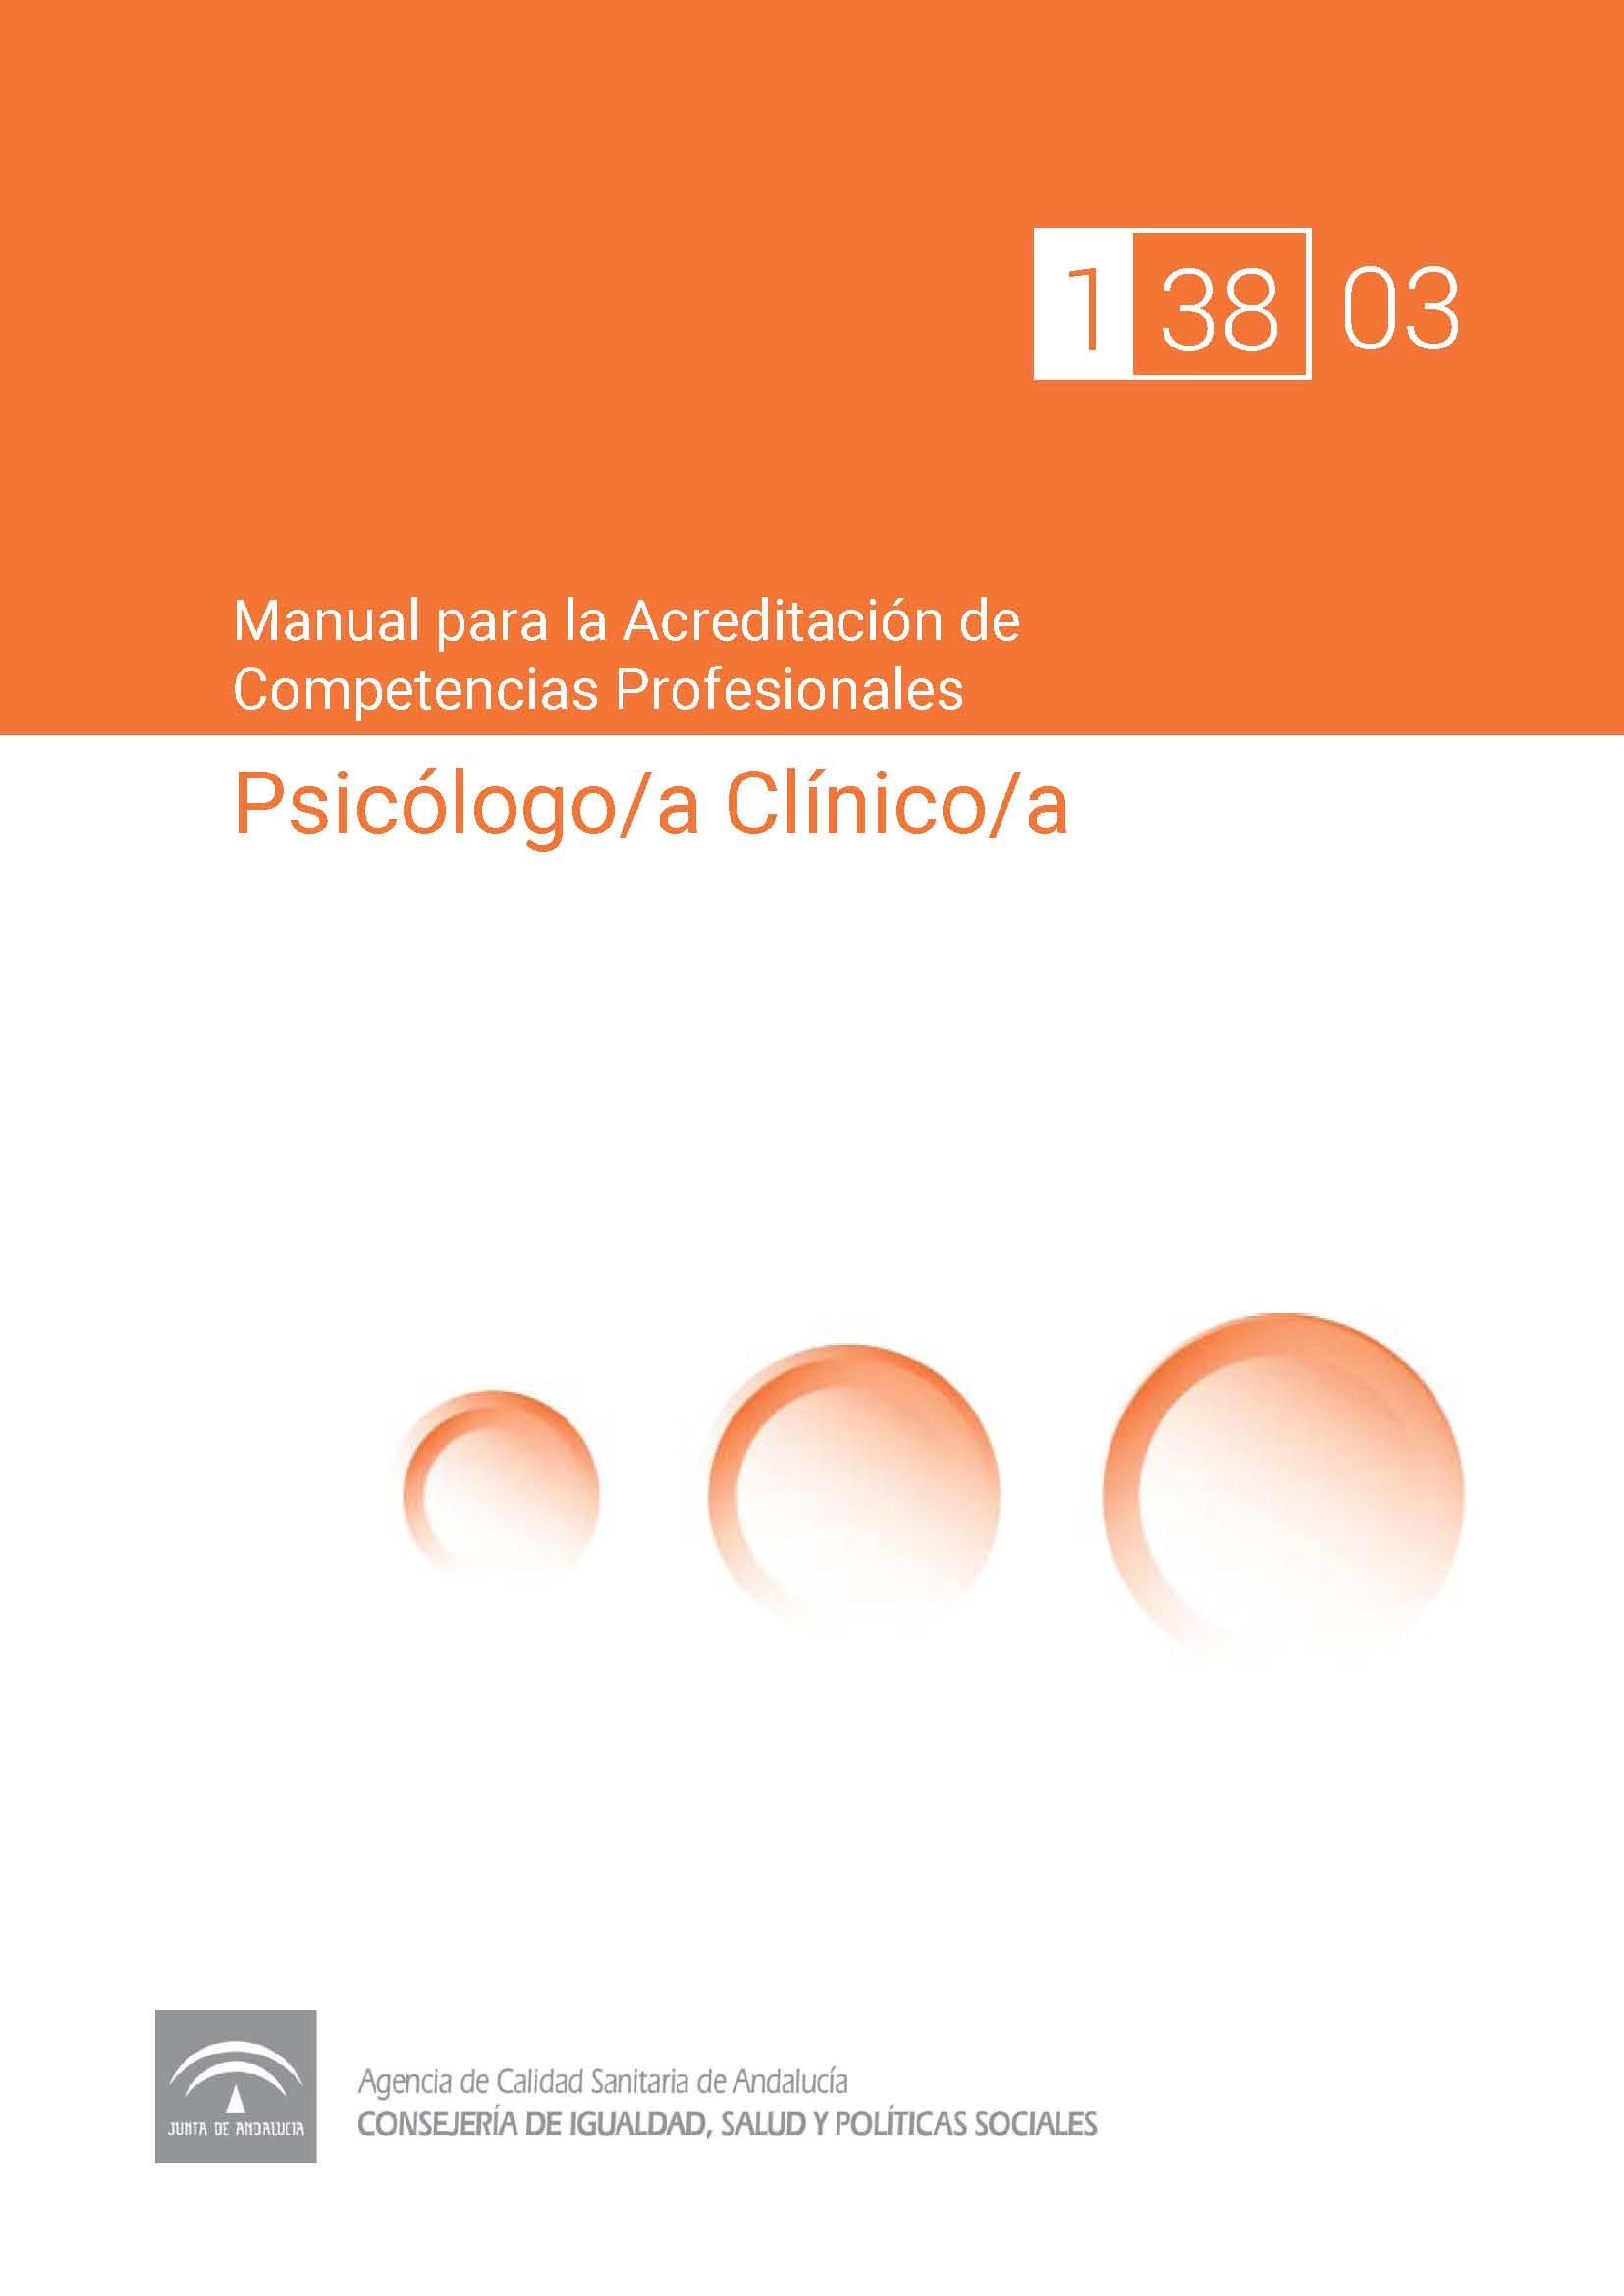 Manual de competencias profesionales del/de la Psicólogo/a Clínico/a